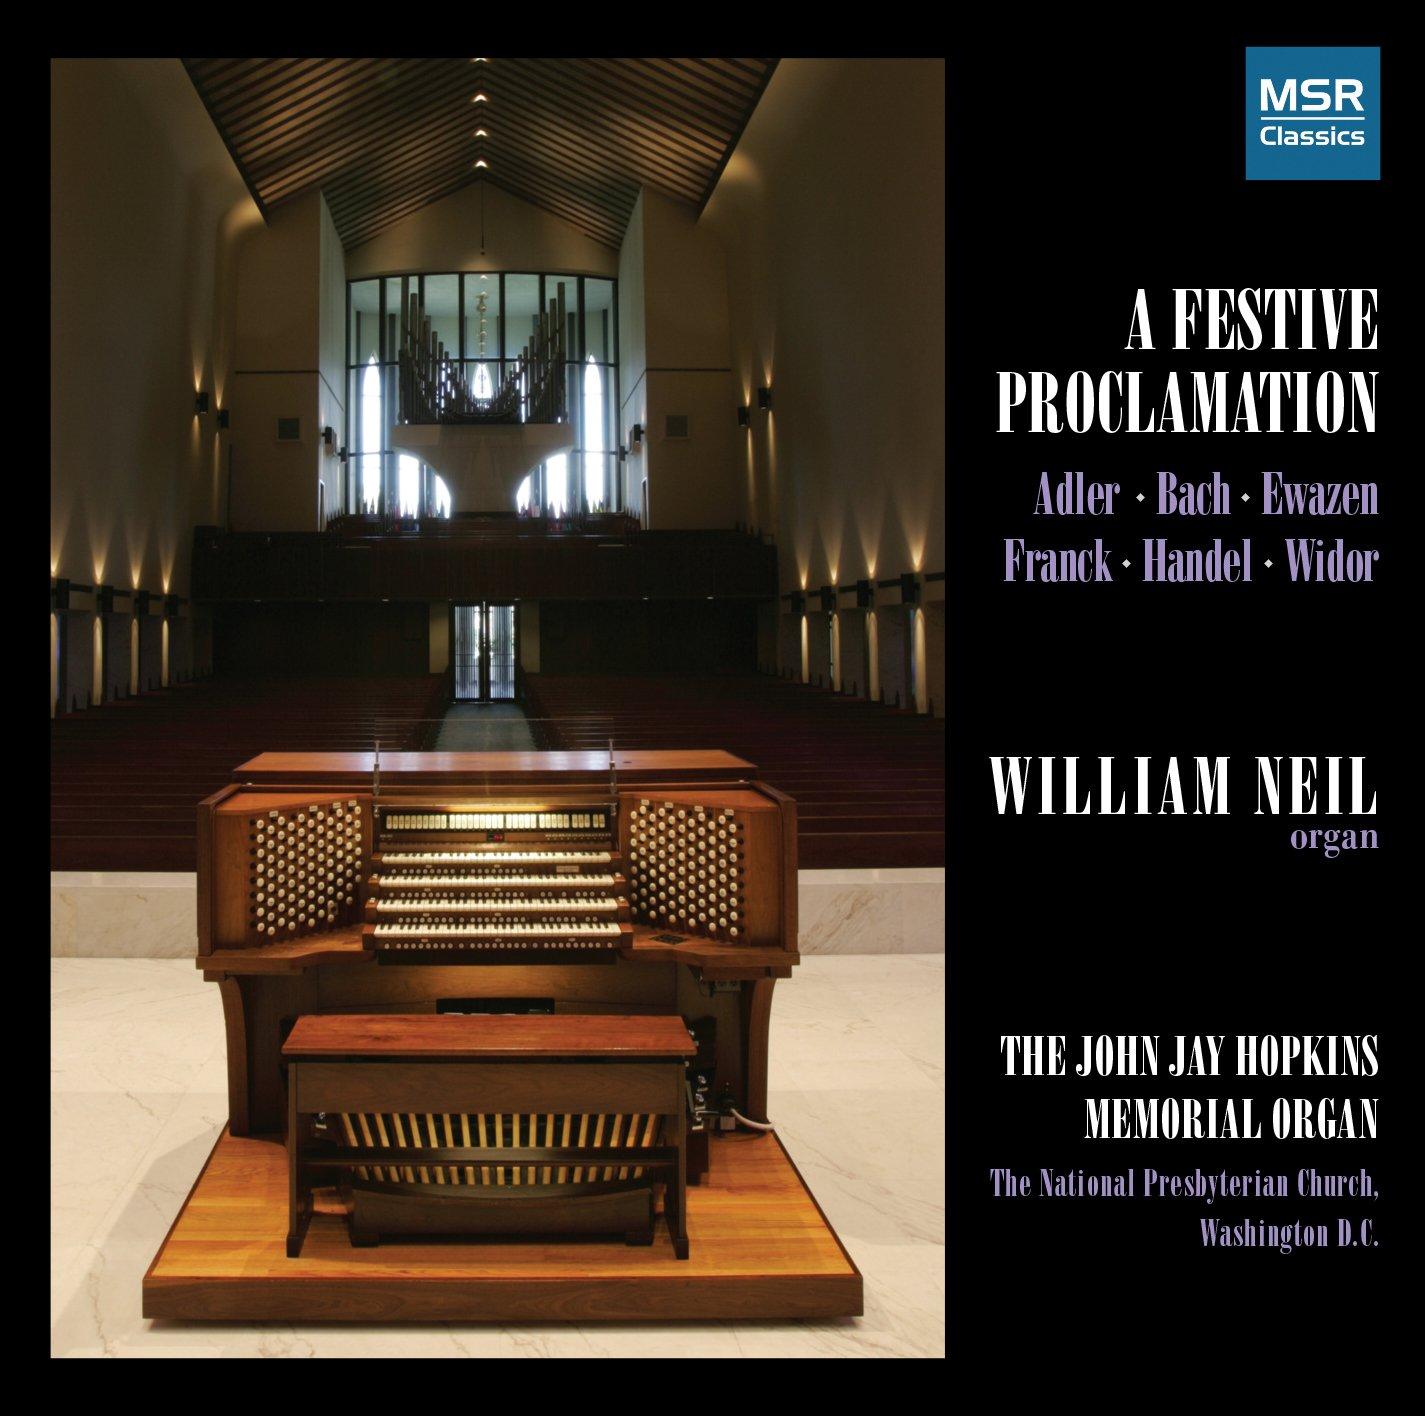 A Festive Proclamation - Organ Music by Adler, JS Bach, Ewazen, Franck,  Handel and Widor Aeolian-Skinner organ